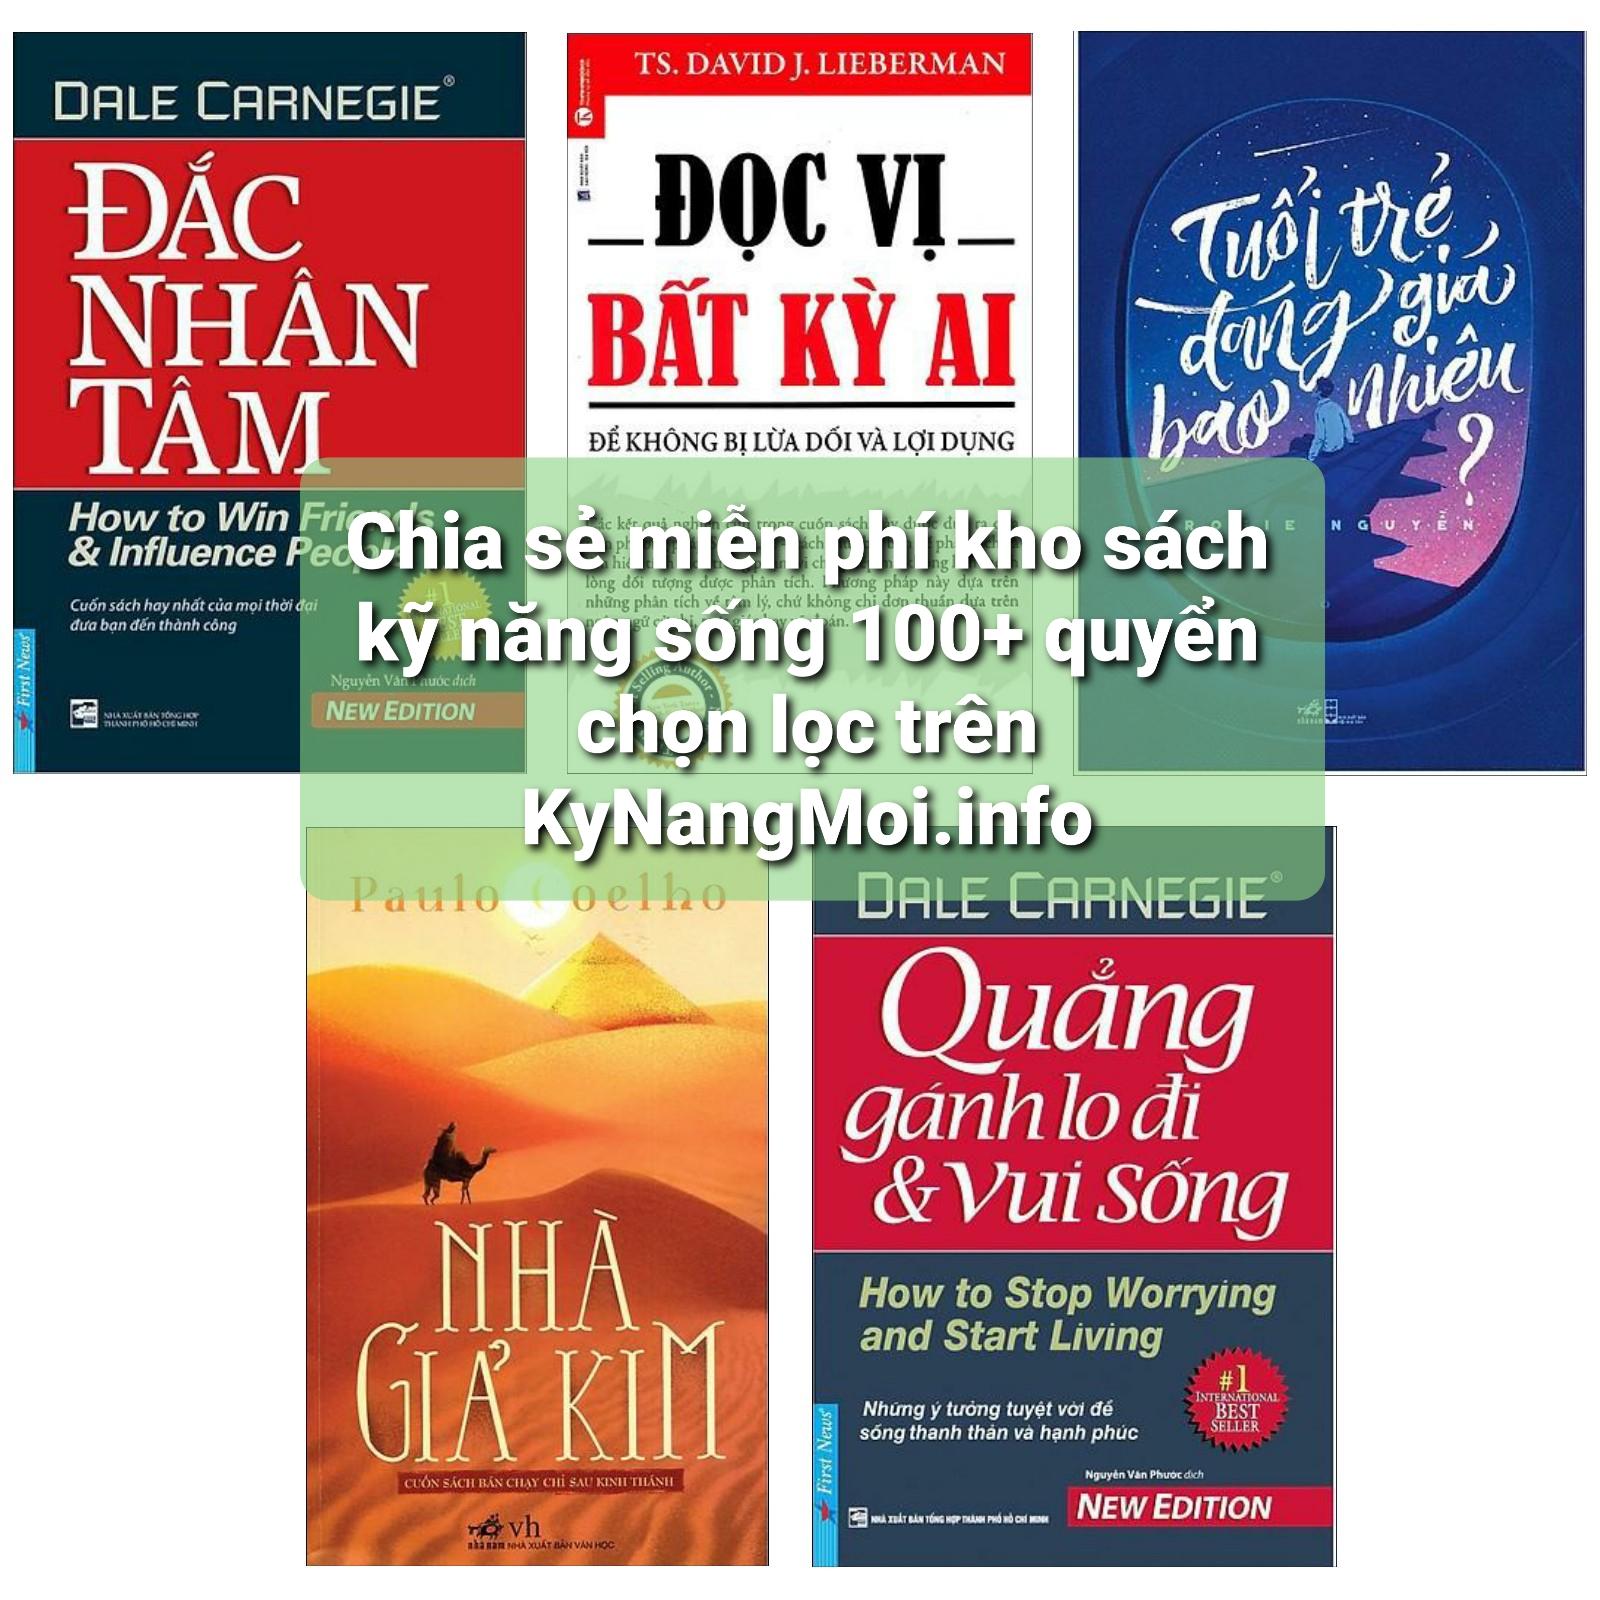 Chia sẻ miễn phí kho sách kỹ năng sống 100+ quyển chọn lọc trênKyNangMoi.info